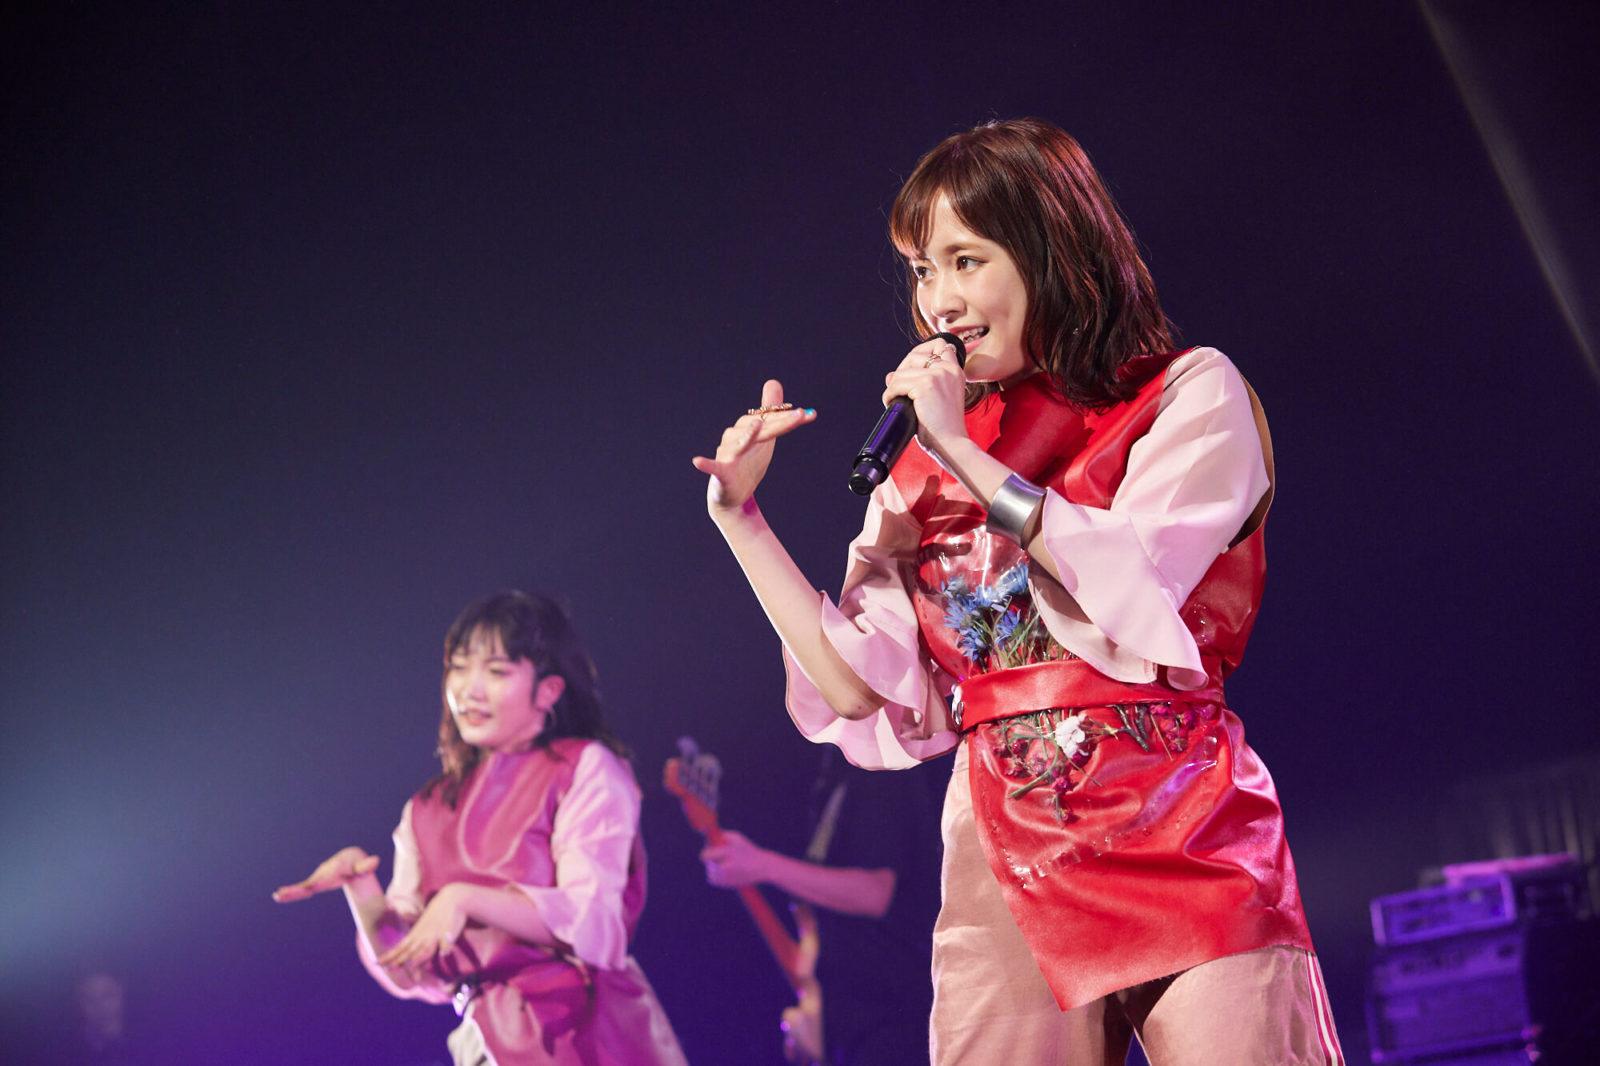 大原櫻子、ツアーファイナル公演の映像をGYAO!で7日間連続独占配信決定サムネイル画像